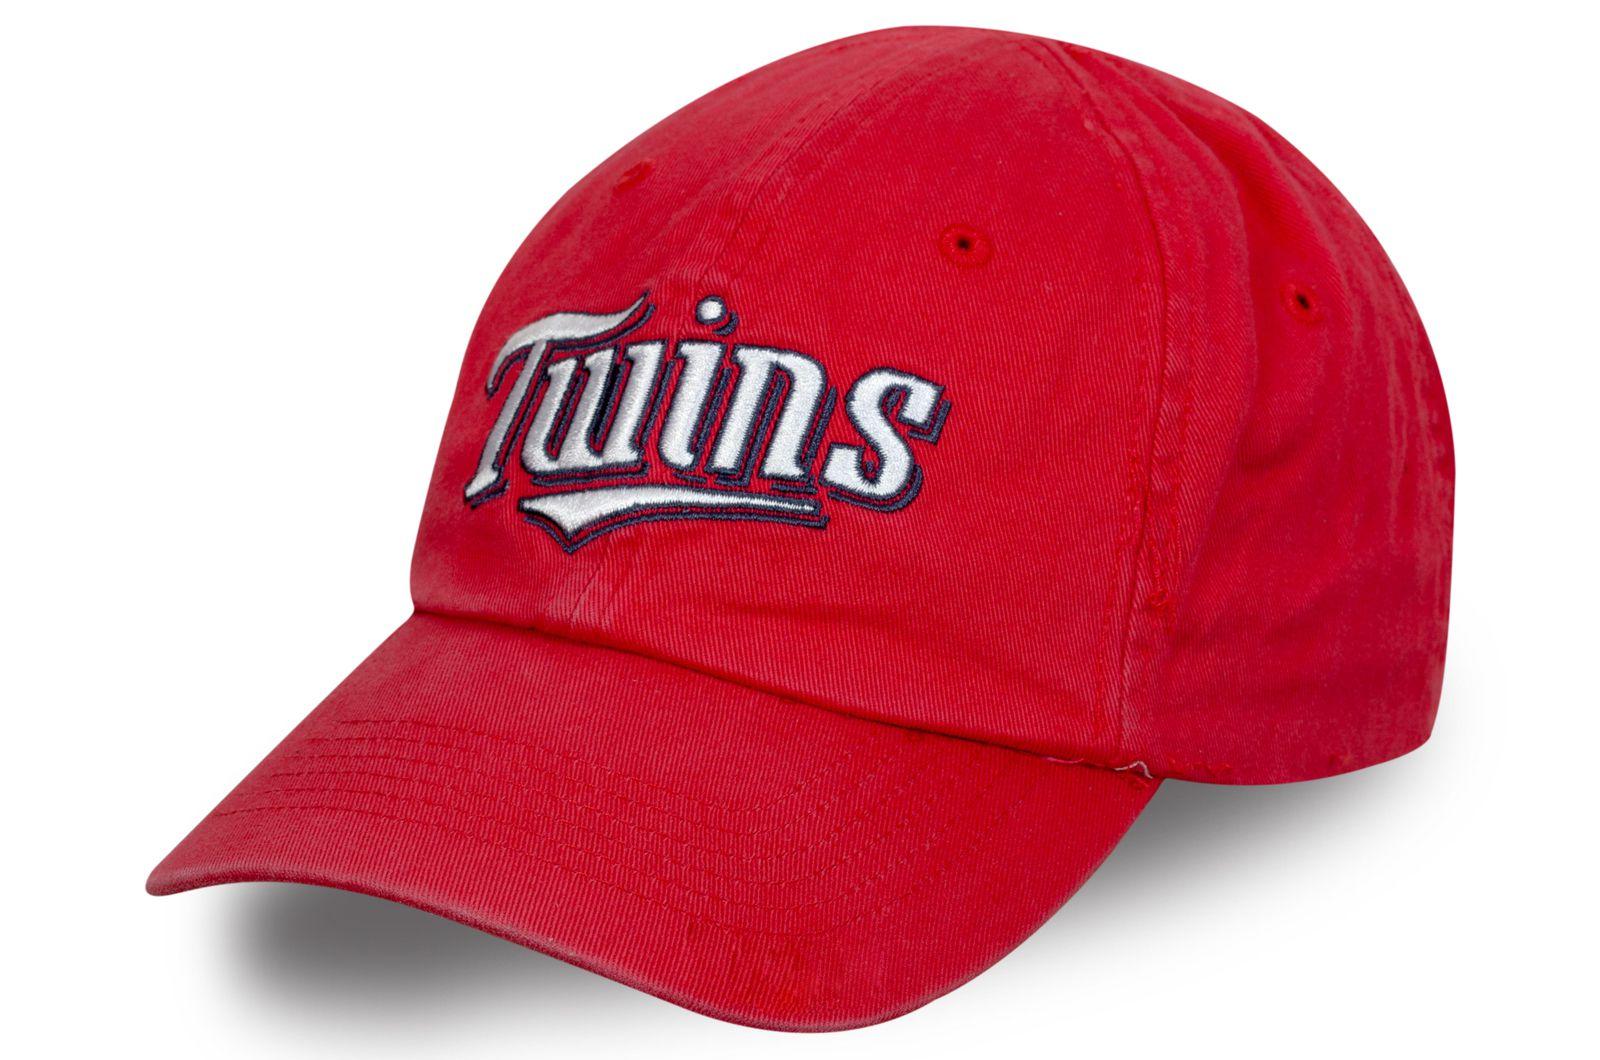 Спортивная бейсболка Twins красного цвета